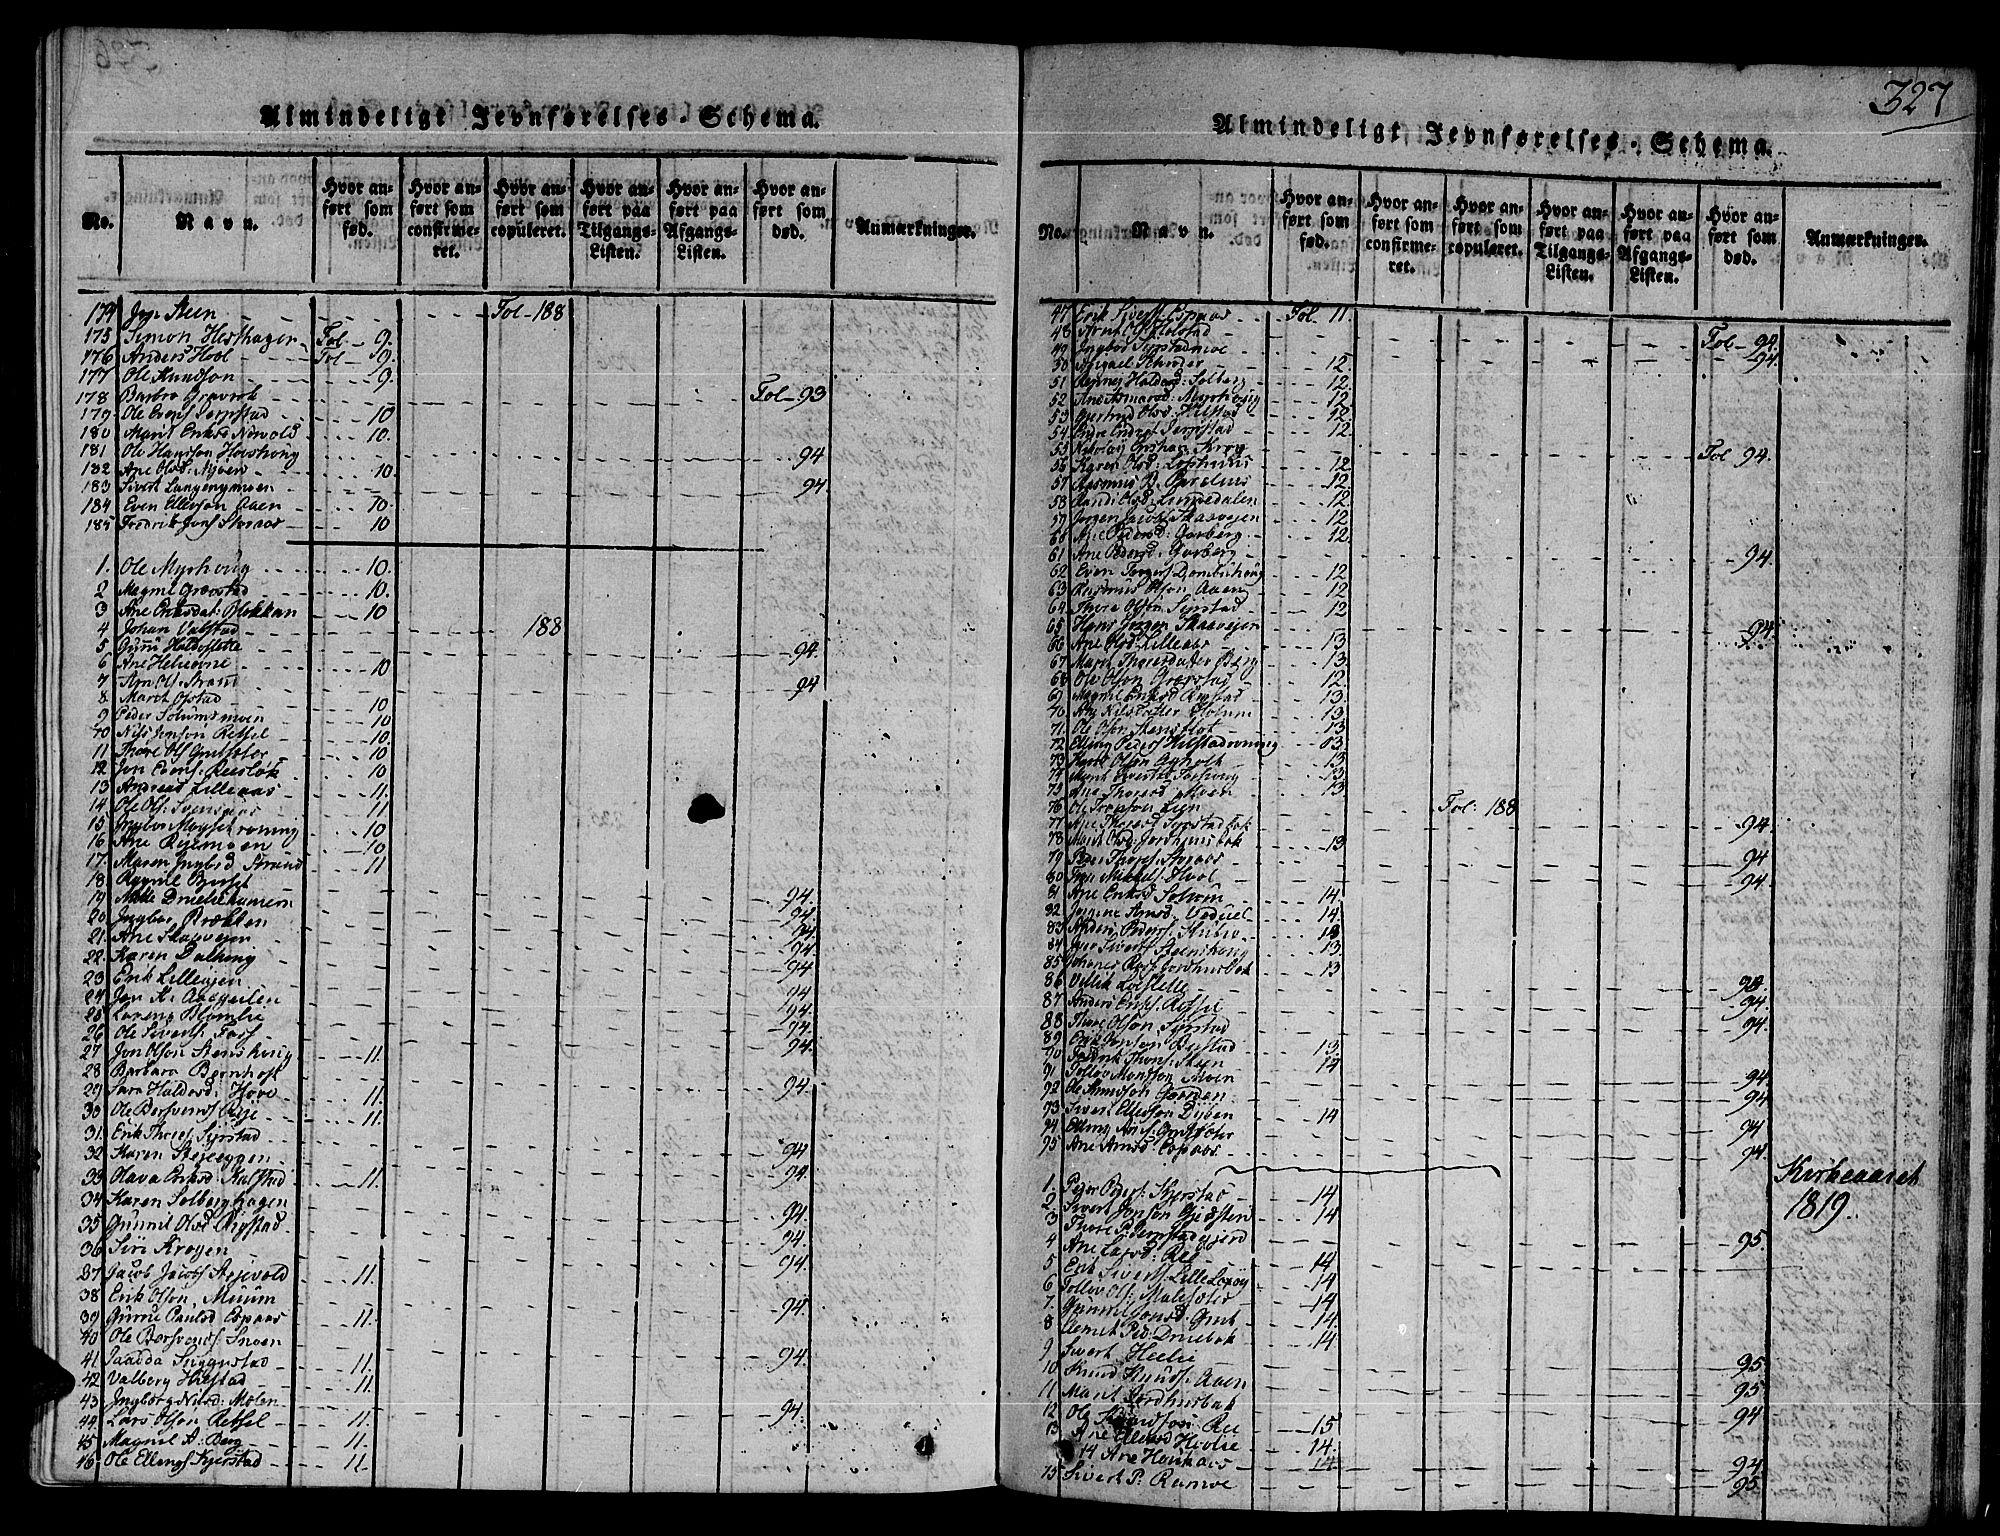 SAT, Ministerialprotokoller, klokkerbøker og fødselsregistre - Sør-Trøndelag, 672/L0853: Ministerialbok nr. 672A06 /1, 1816-1829, s. 327